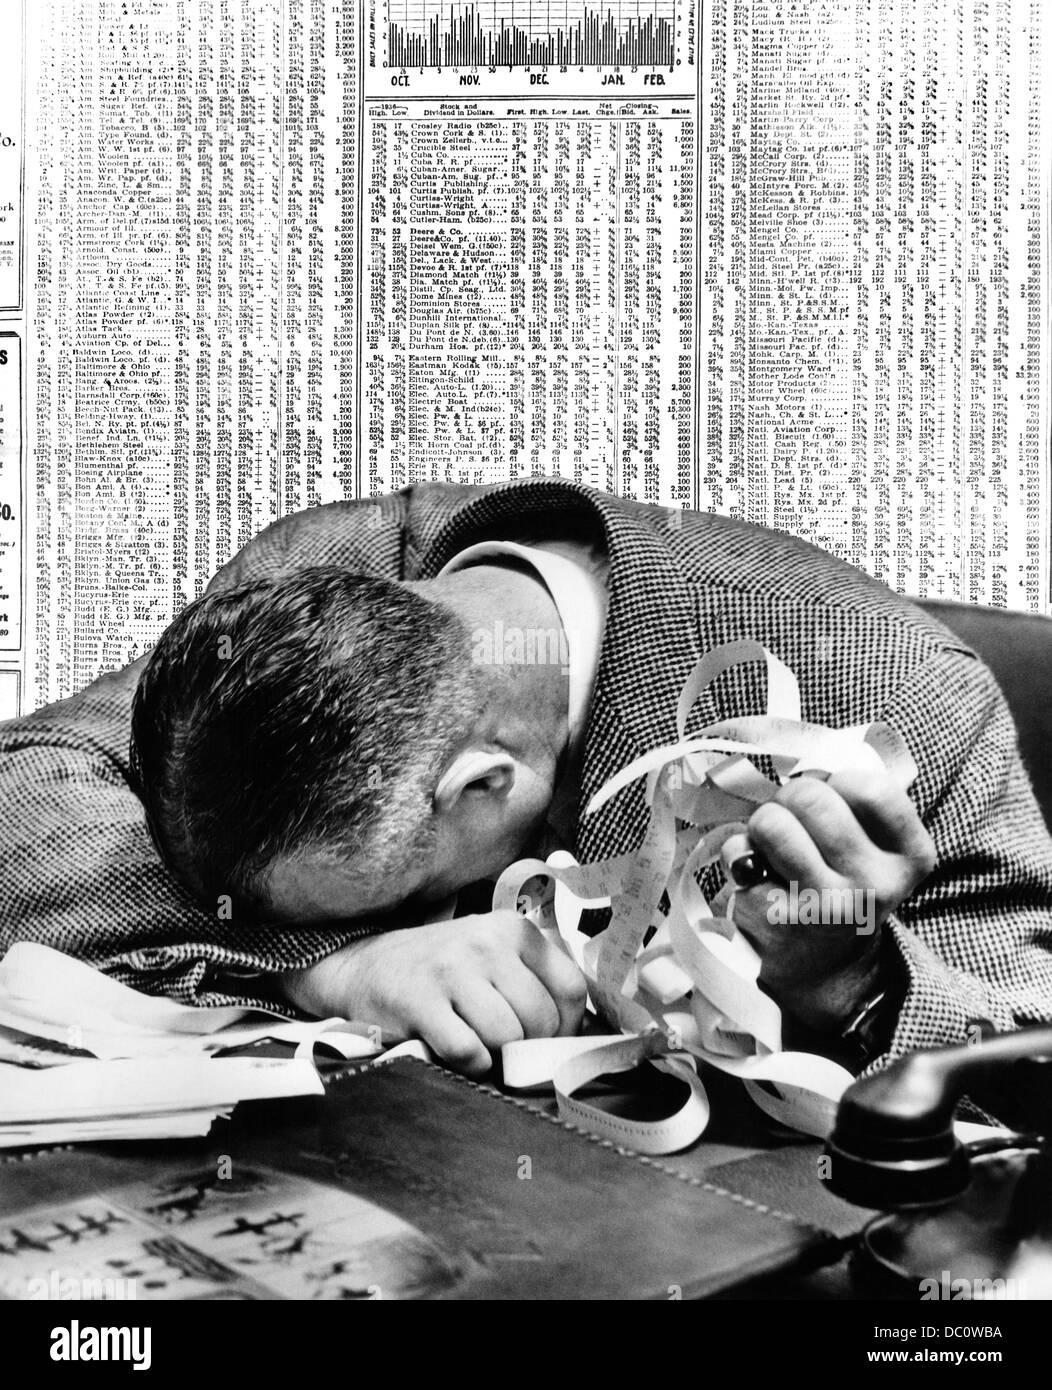 1940 TÊTE D'HOMME SUR 24 HOLDING TÉLÉSCRIPTEUR BANDE avec derrière lui la page STOCK JOURNAL Photo Stock